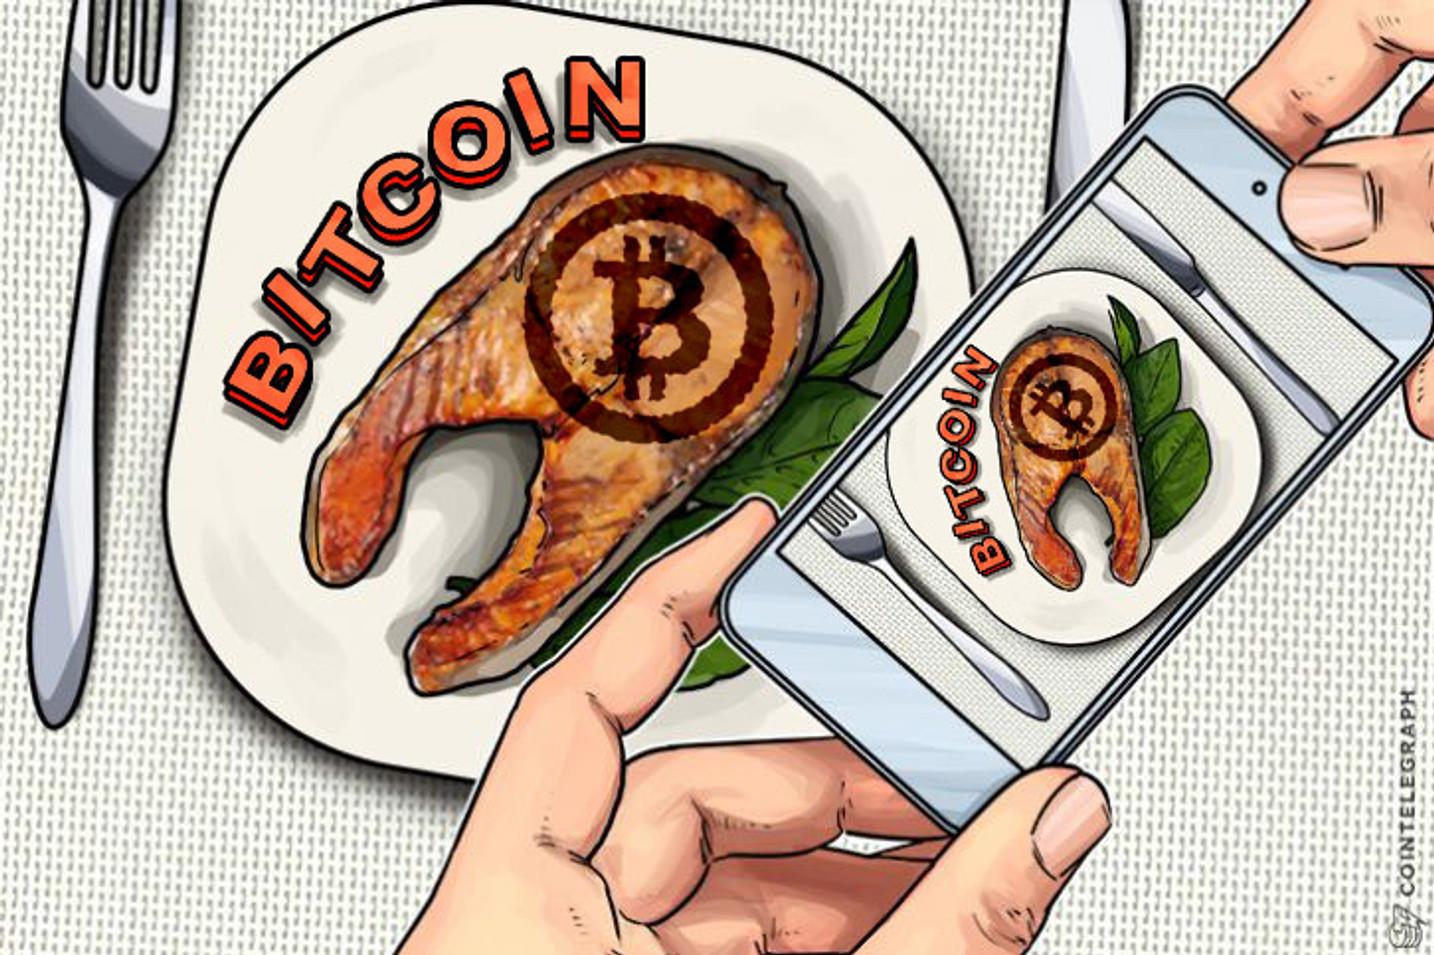 Bitcoin chega ao Gigante Alemão de Fast Food Lieferando